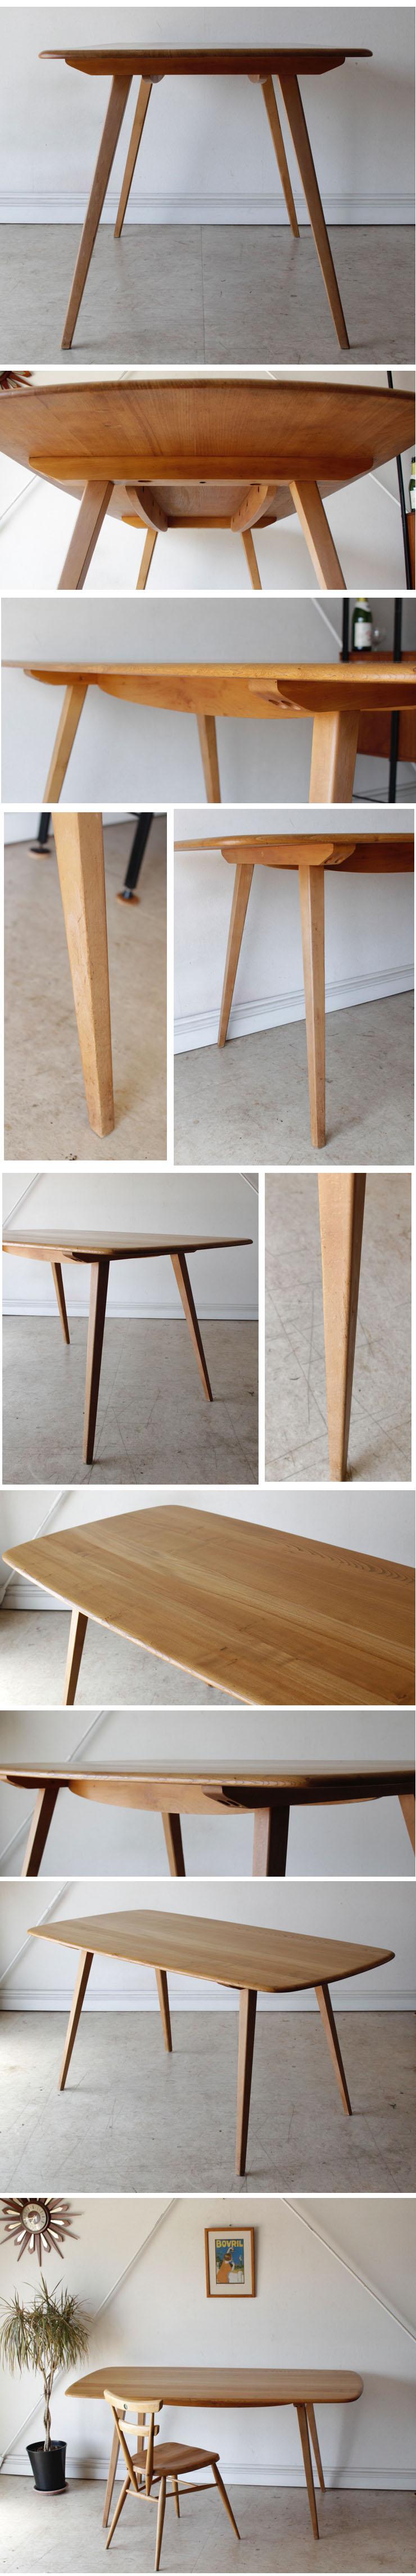 アーコール・Ercol・ダイニングテーブル・無垢・ビンテージ・北欧・アンティーク